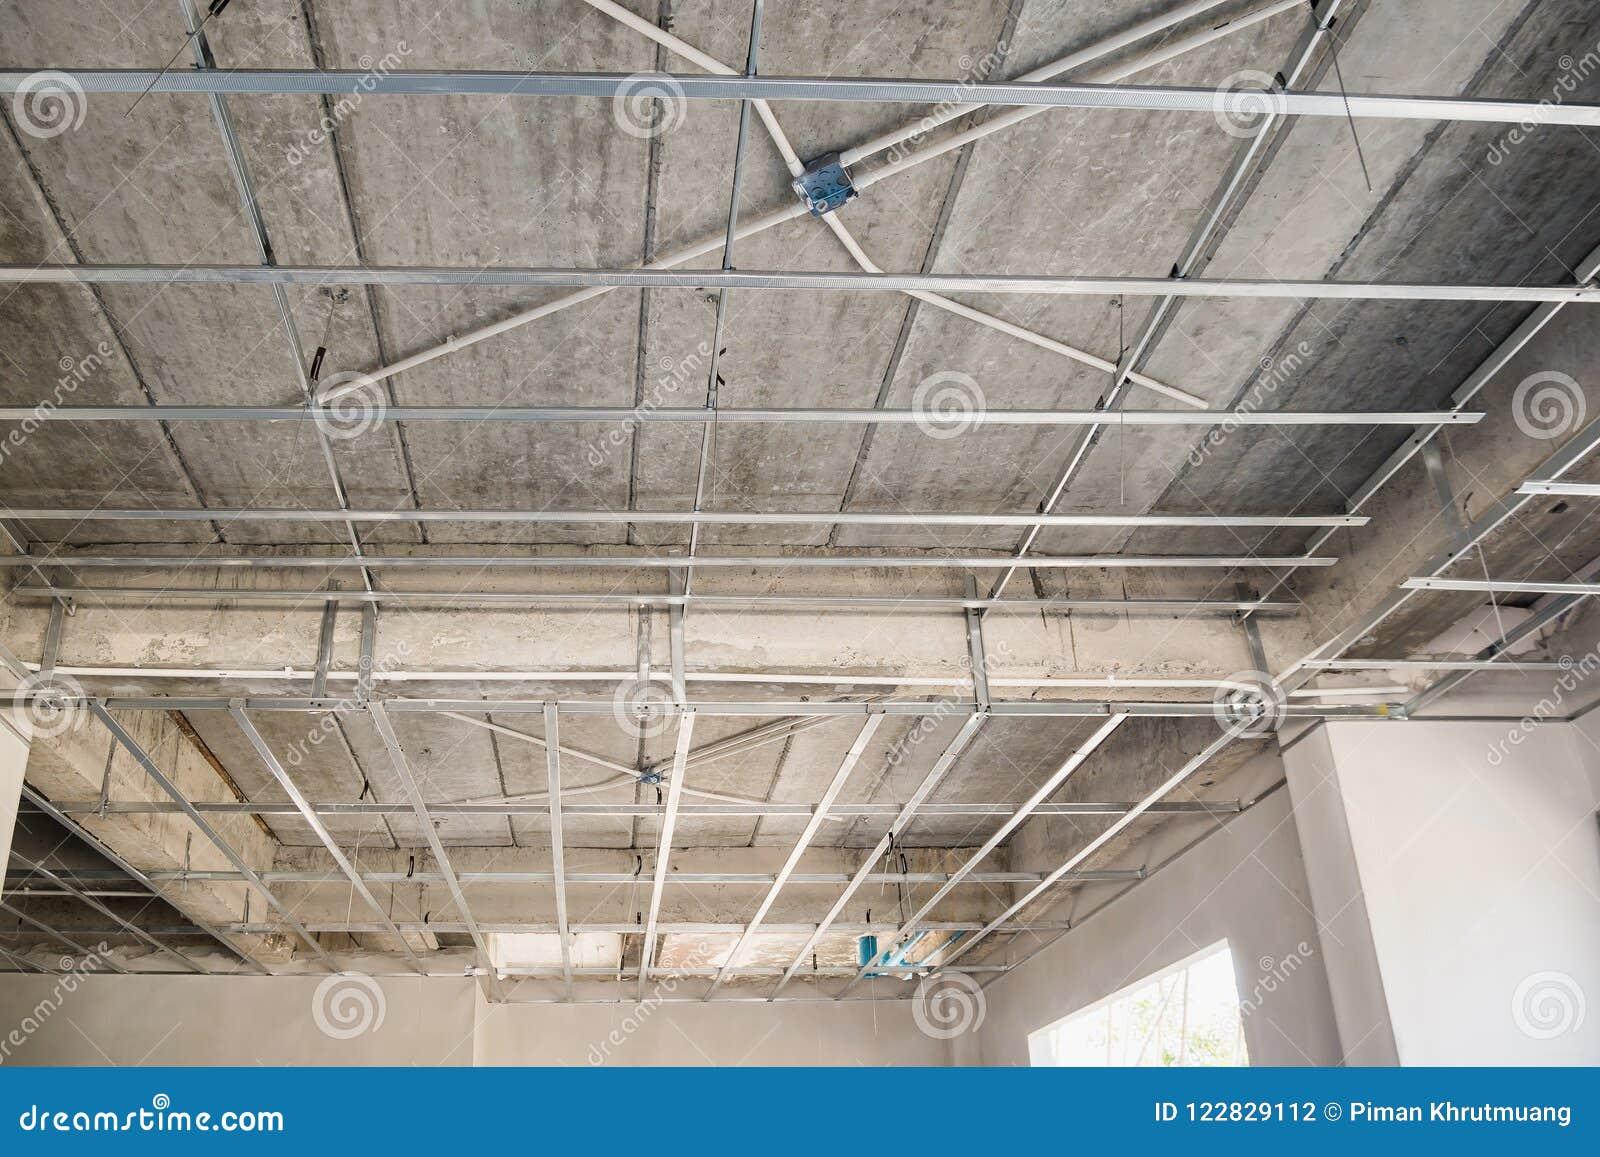 Installez Le Cadre En Métal Pour Le Plafond De Plaque De Plâtre à La Maison